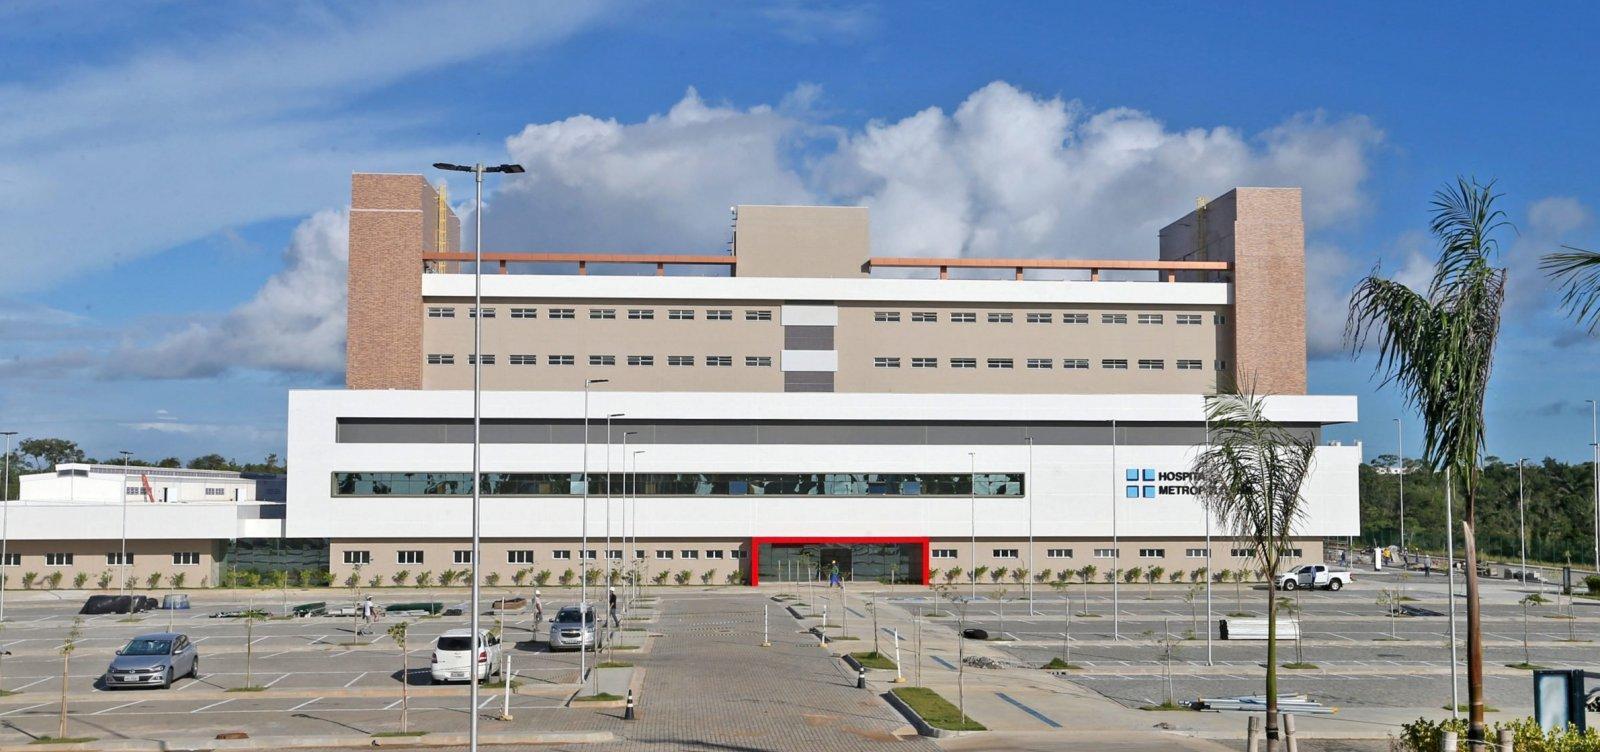 [Governo tenta PPP com Hospital Albert Einsten para gestão do Hospital Metropolitano]